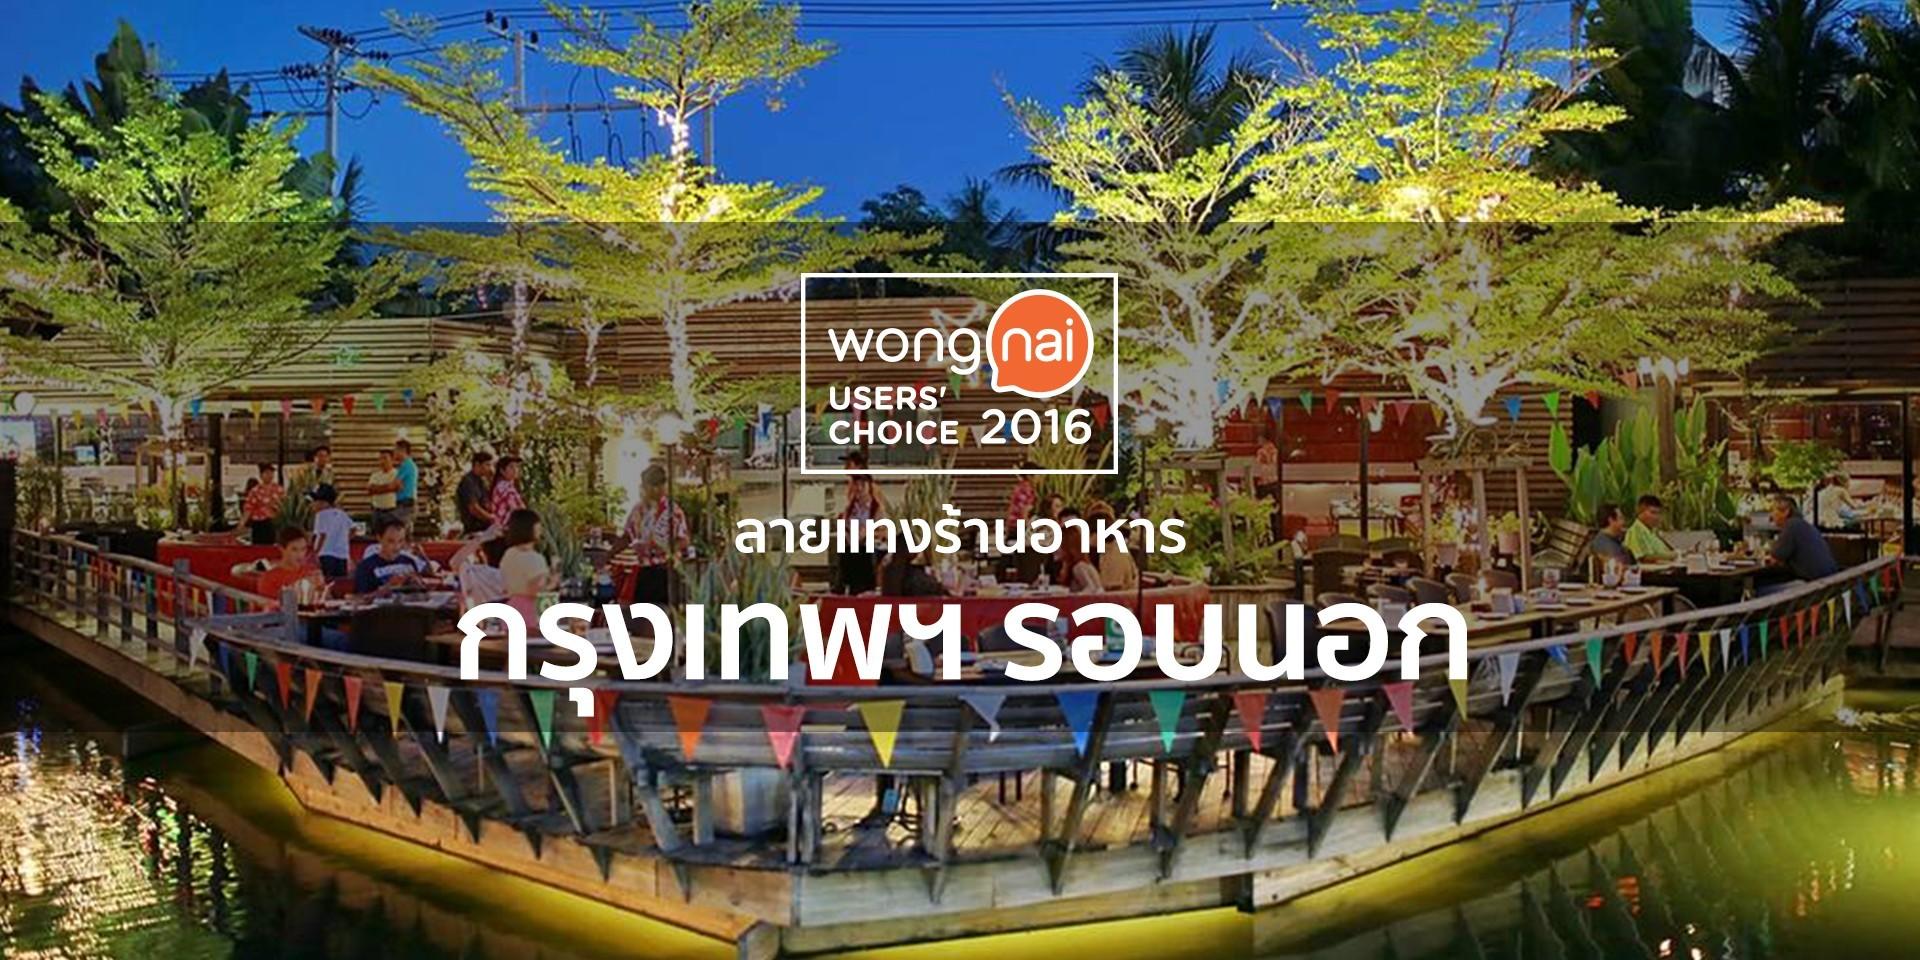 """ร้านอาหารยอดนิยมในย่าน กรุงเทพฯ รอบนอก จาก """"Wongnai Users' Choice 2016"""""""